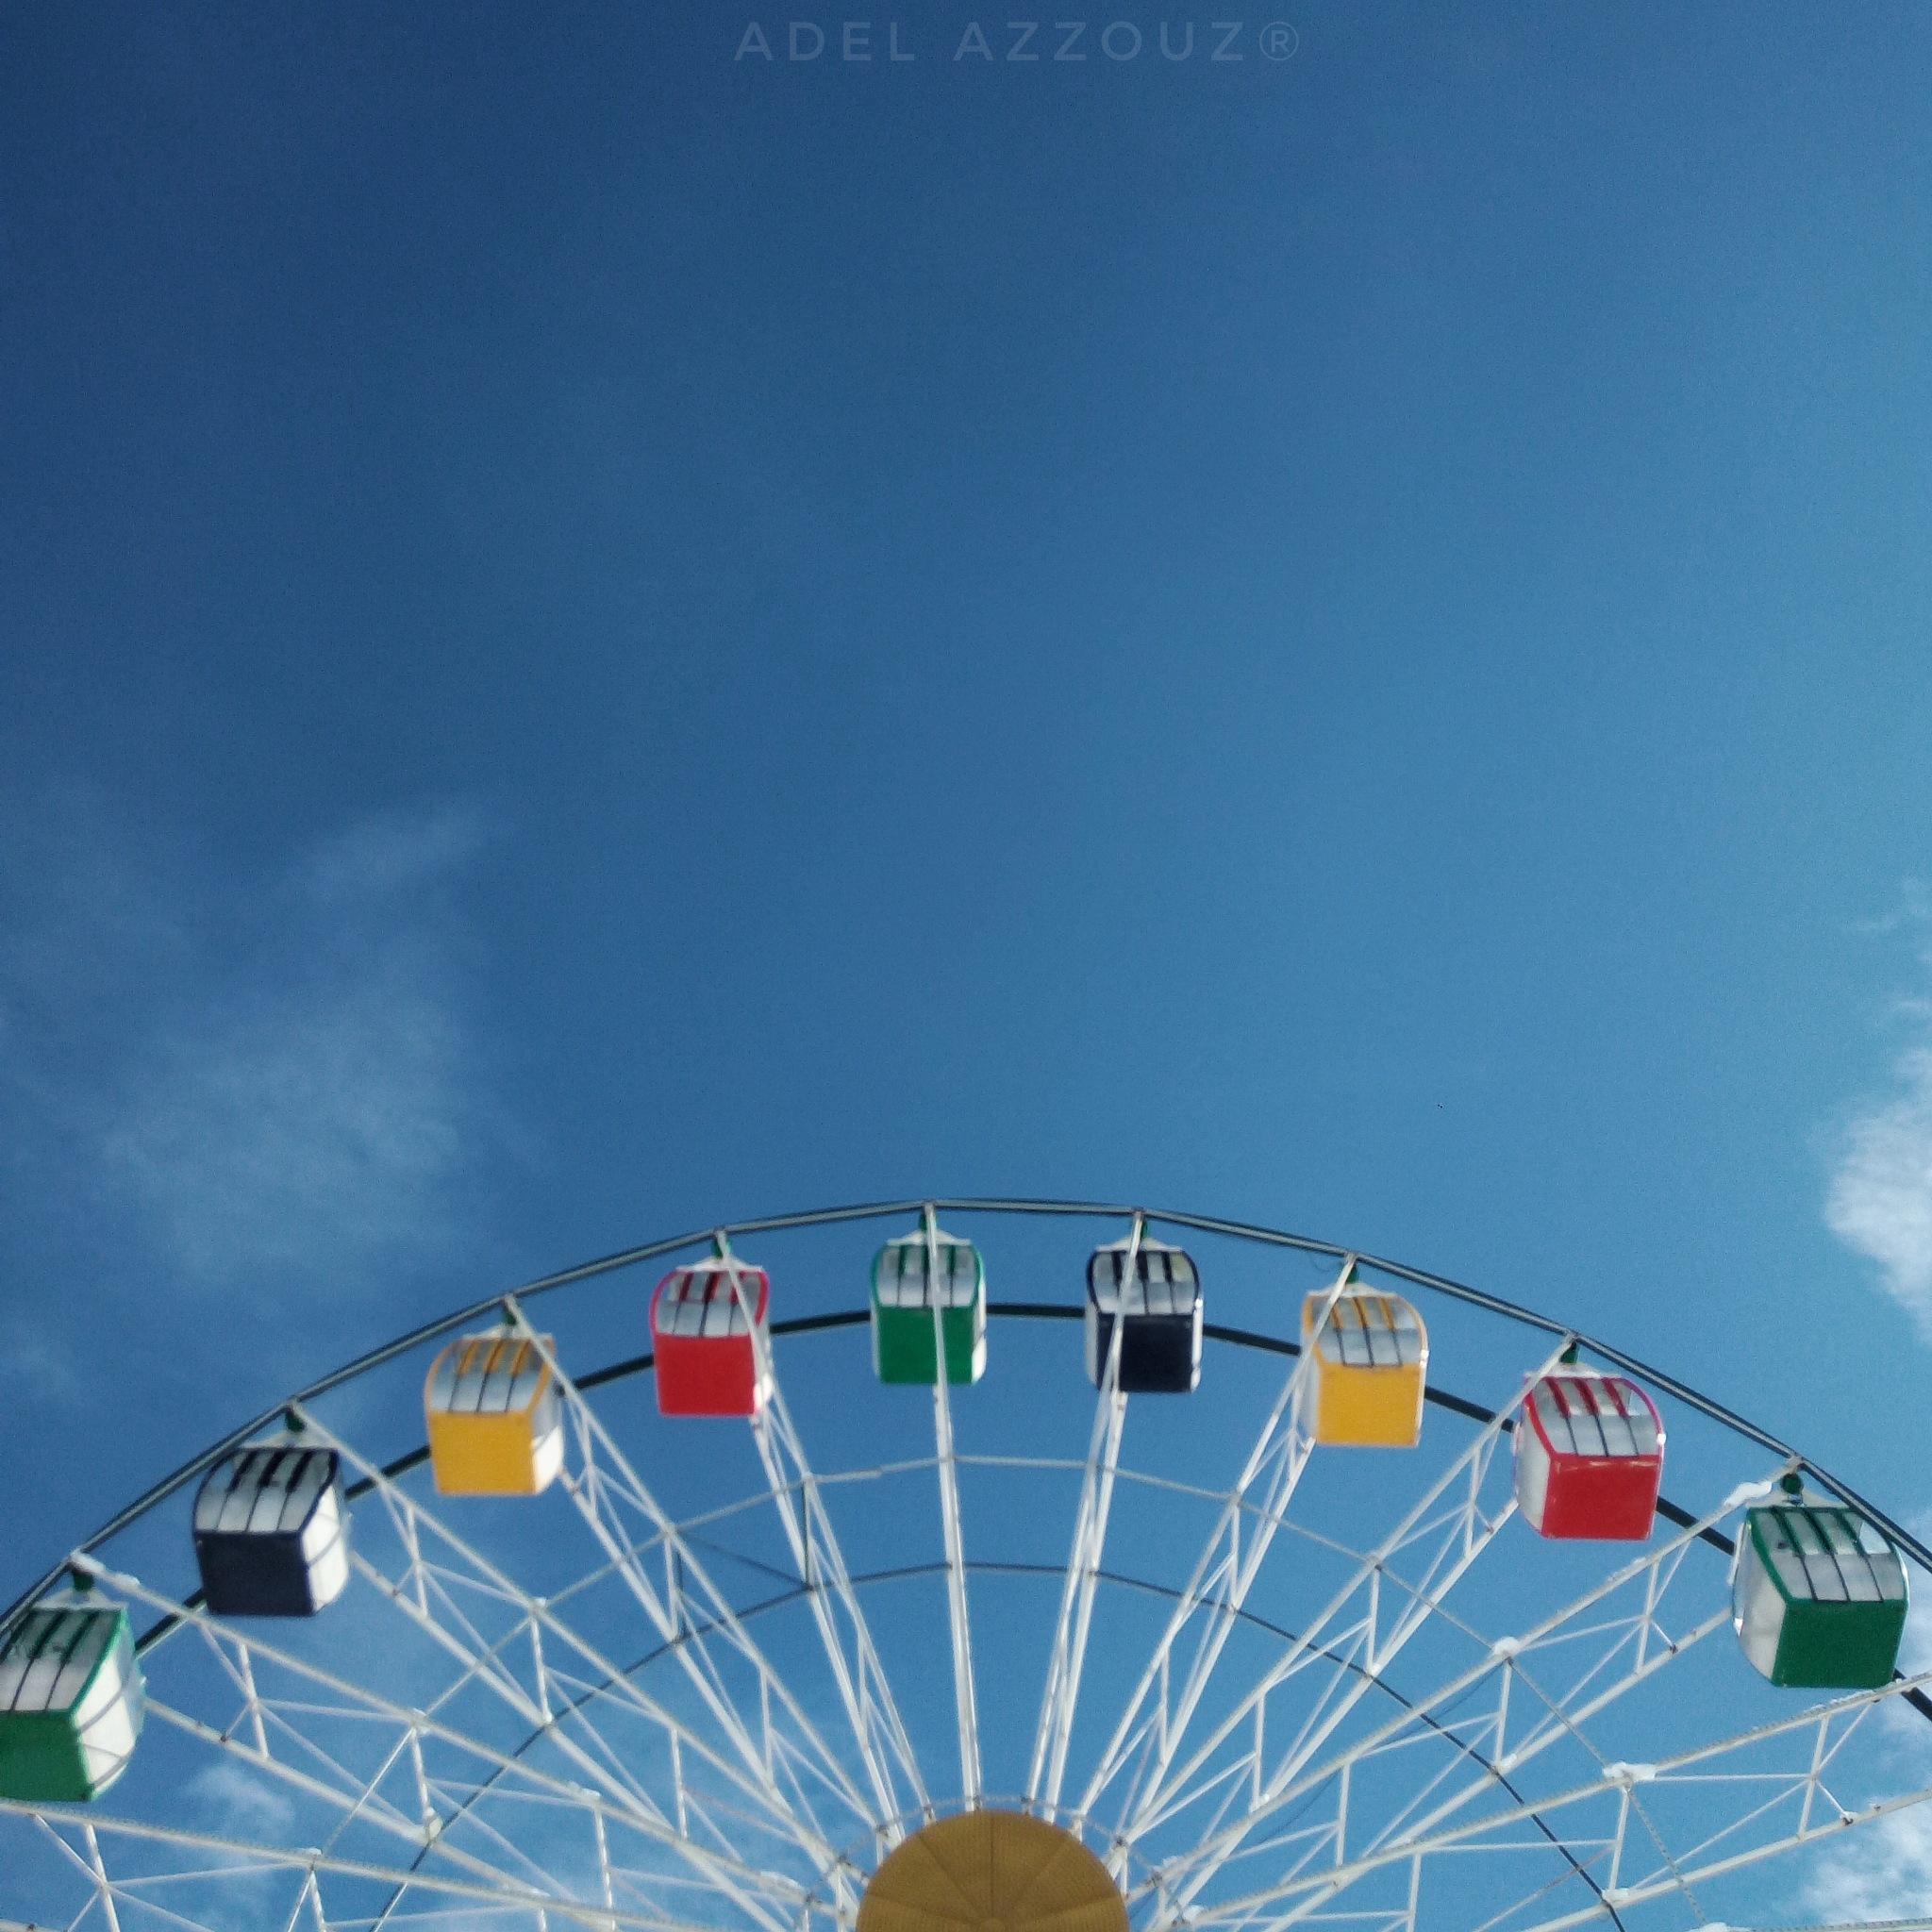 Tourner dans le vide by Adel Azzouz